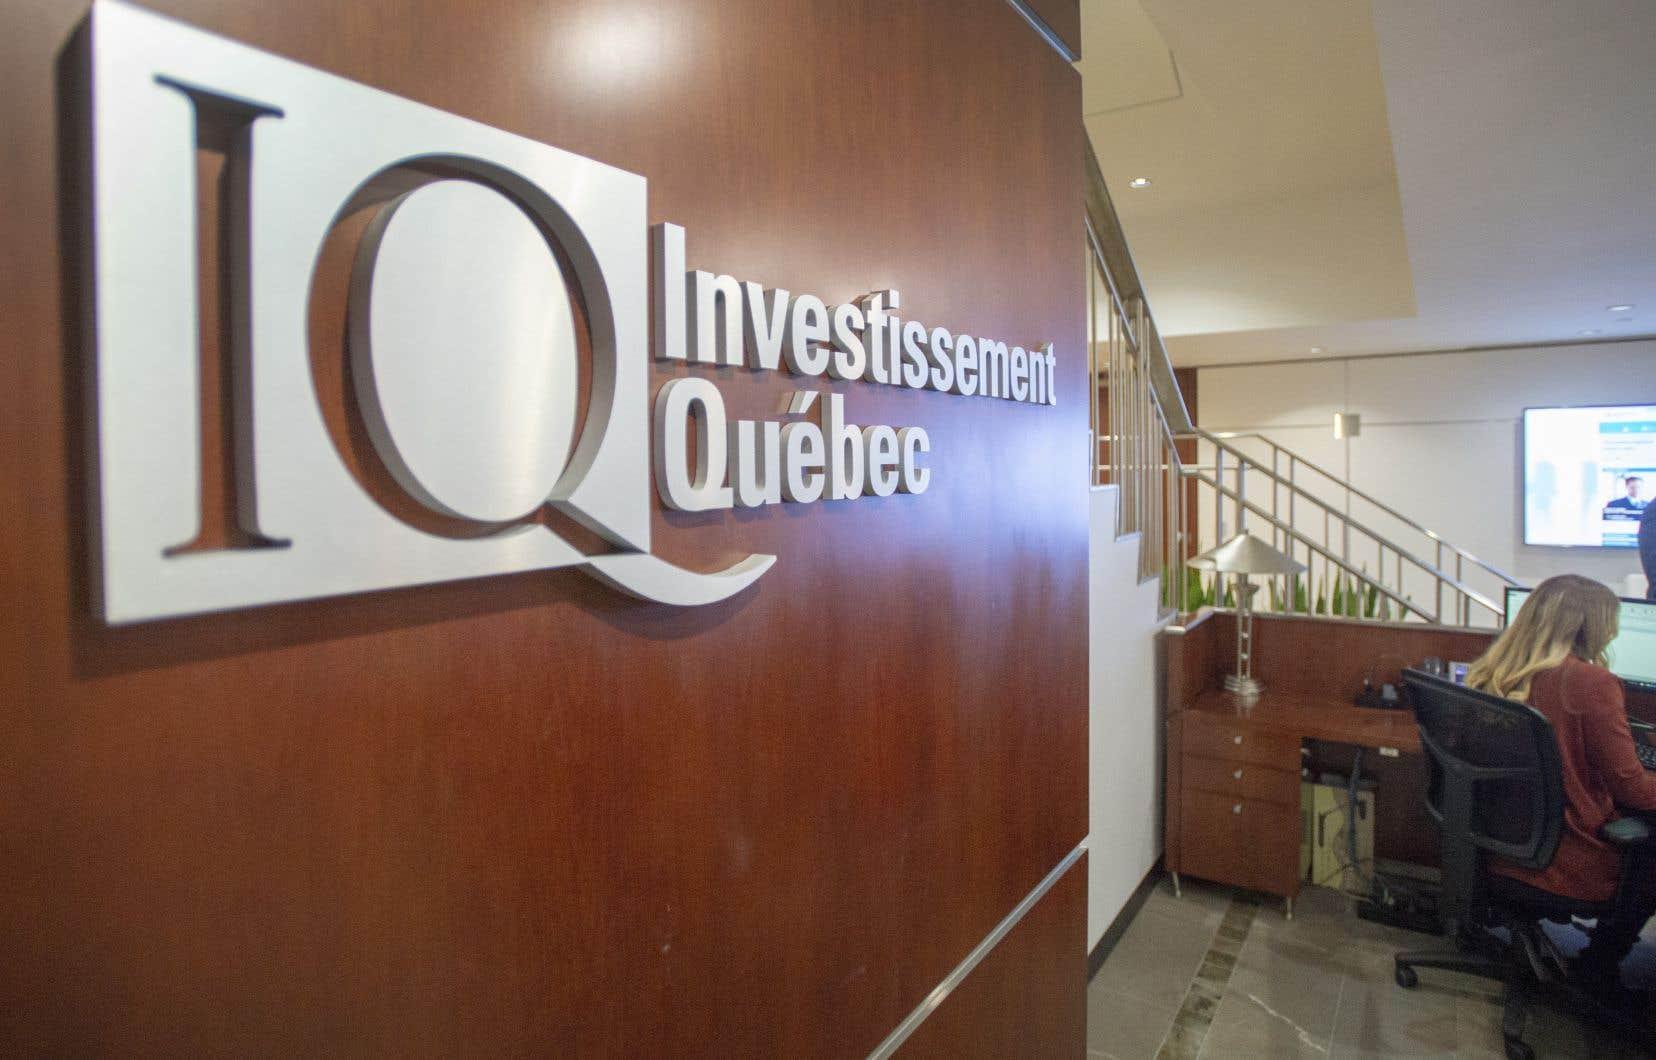 Les changements législatifs proposés pour Investissement Québec, qui découlent d'un engagement pris l'an dernier par la Coalition avenir Québec (CAQ), visent notamment à rendre l'organisme plus dynamique sur la scène mondiale.